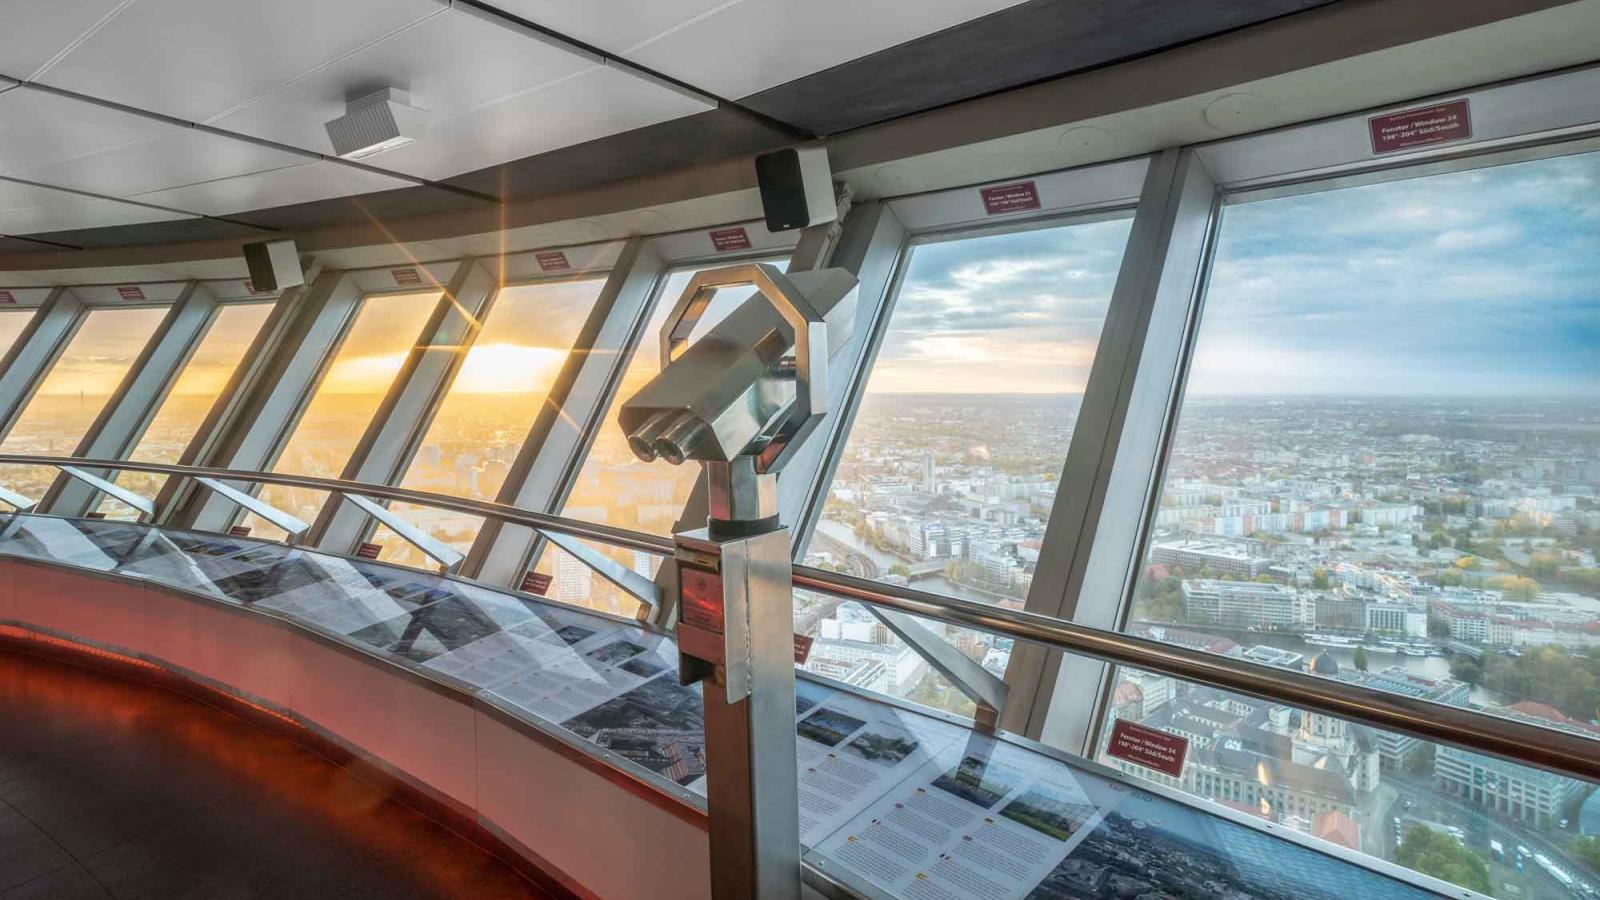 Eintrittspreis Berliner Fernsehturm